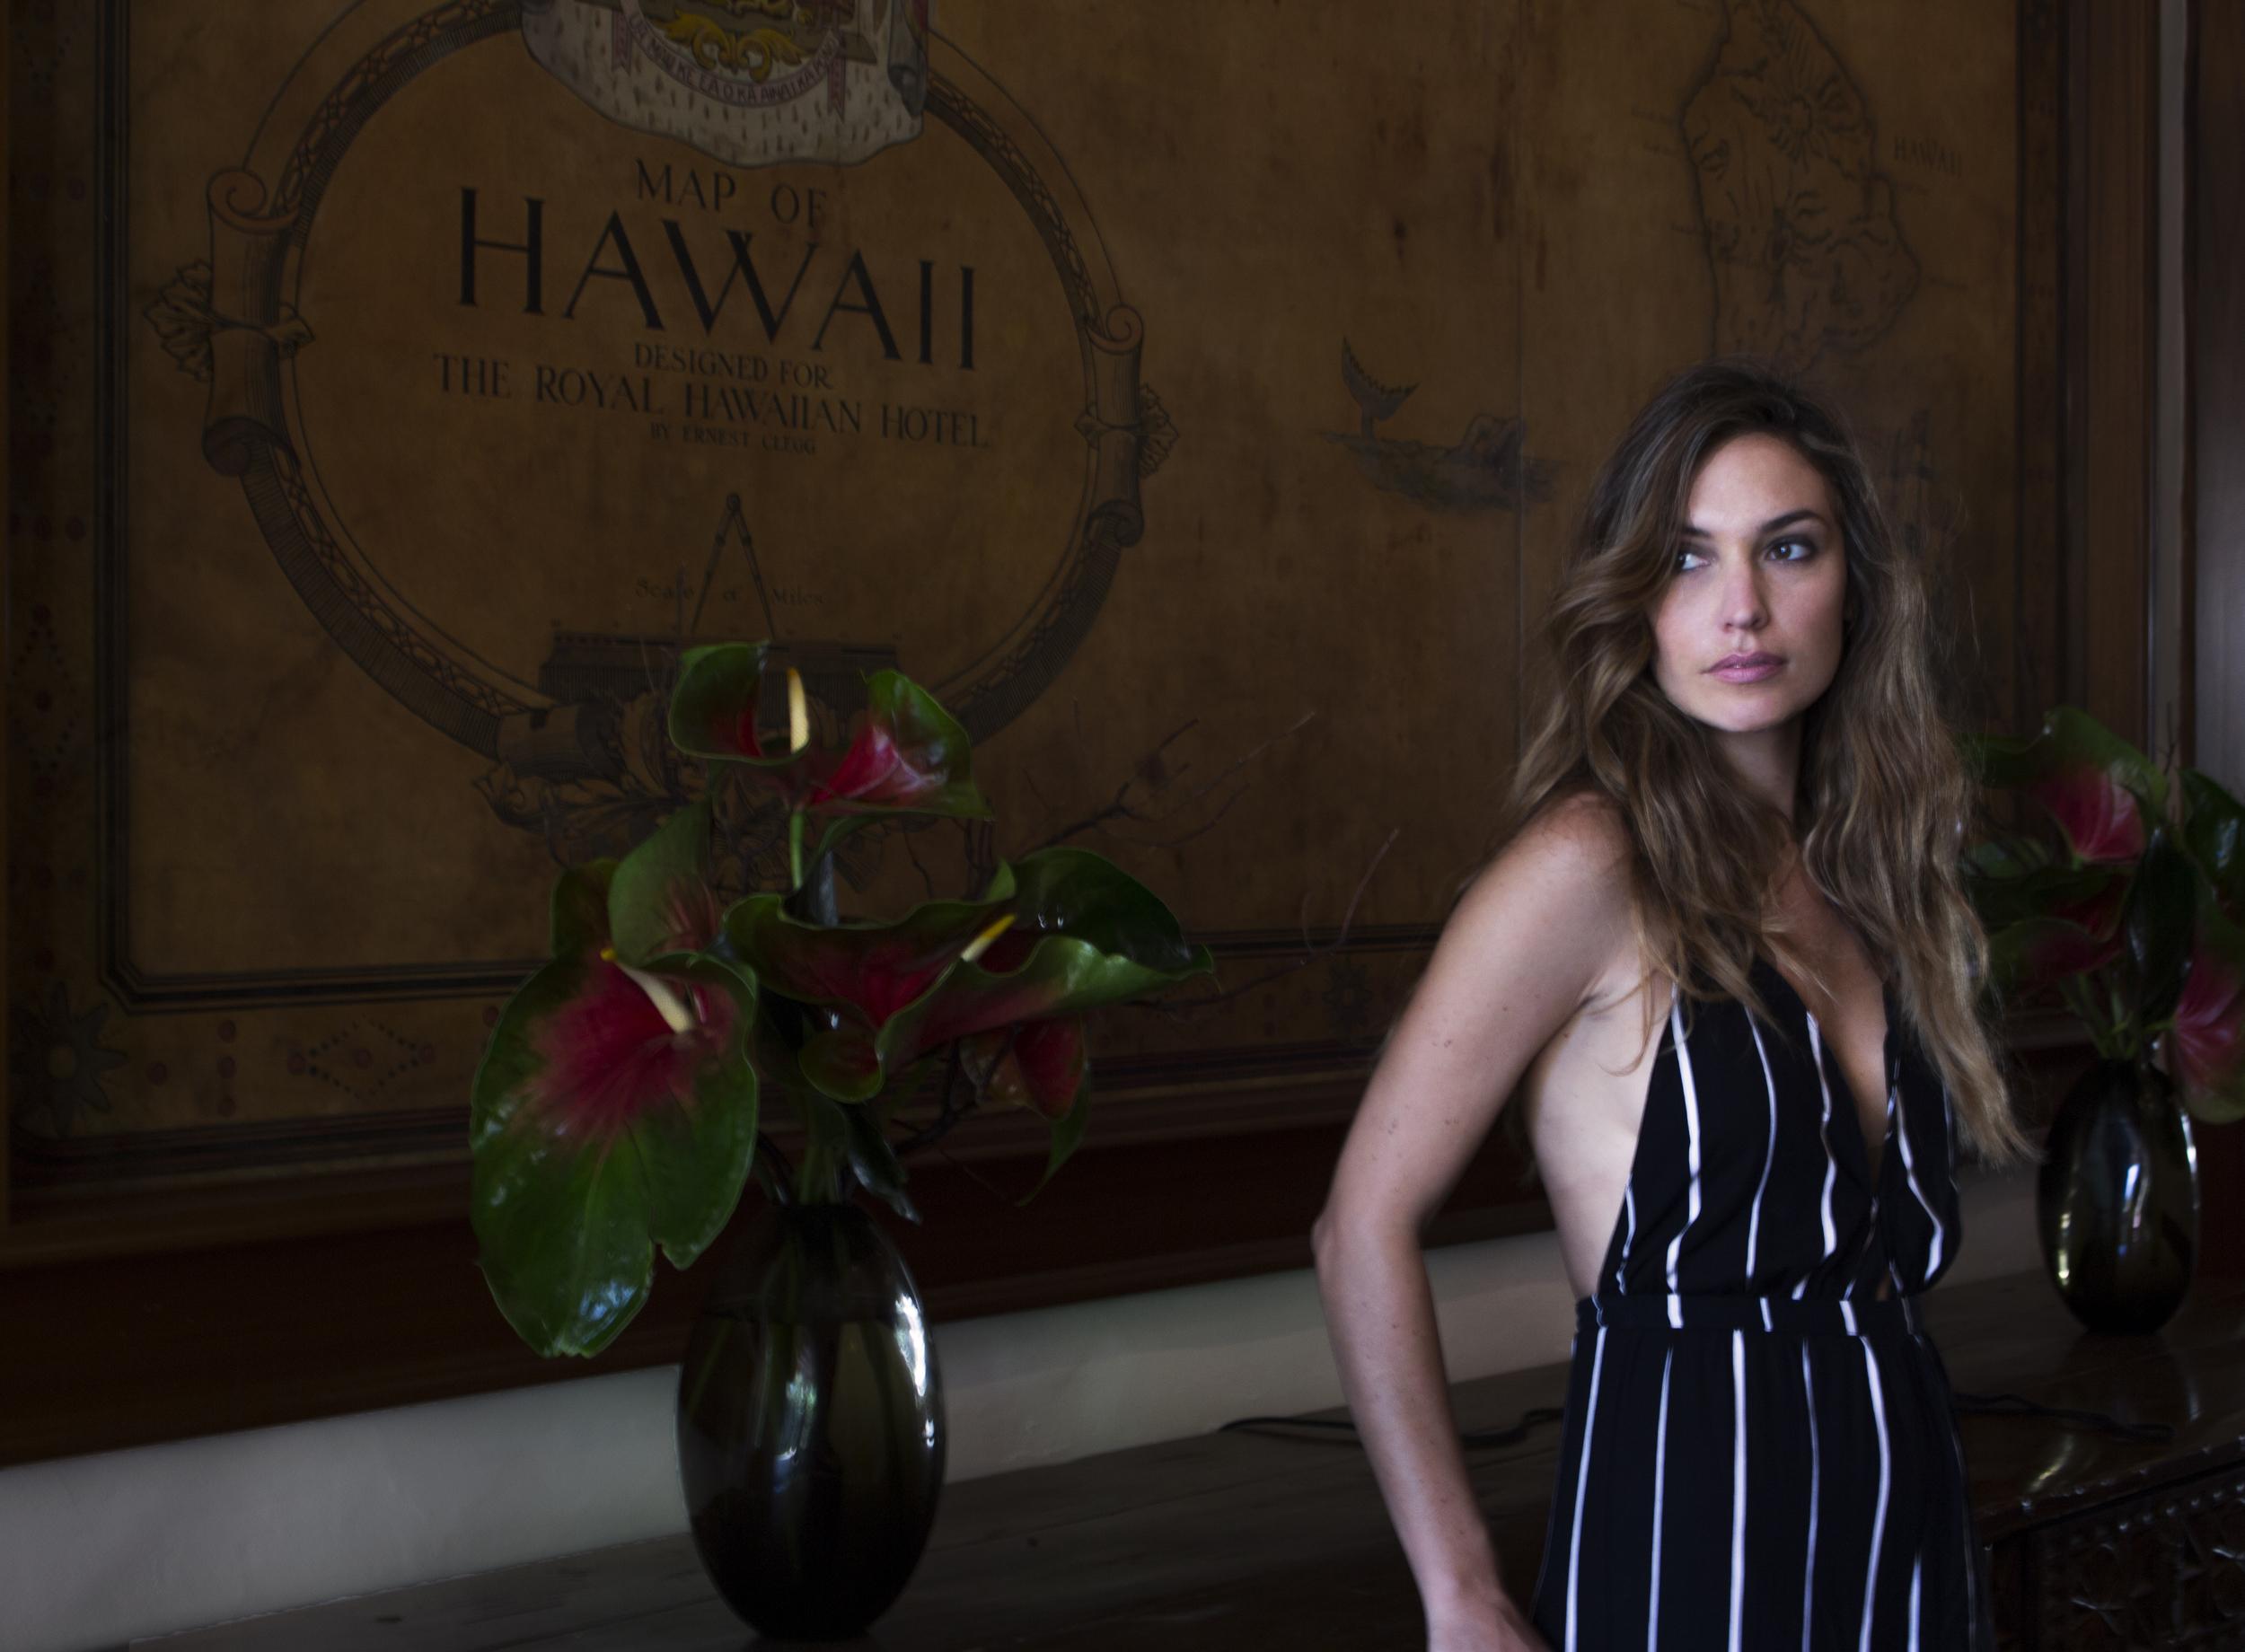 Best hotel in Hawaii